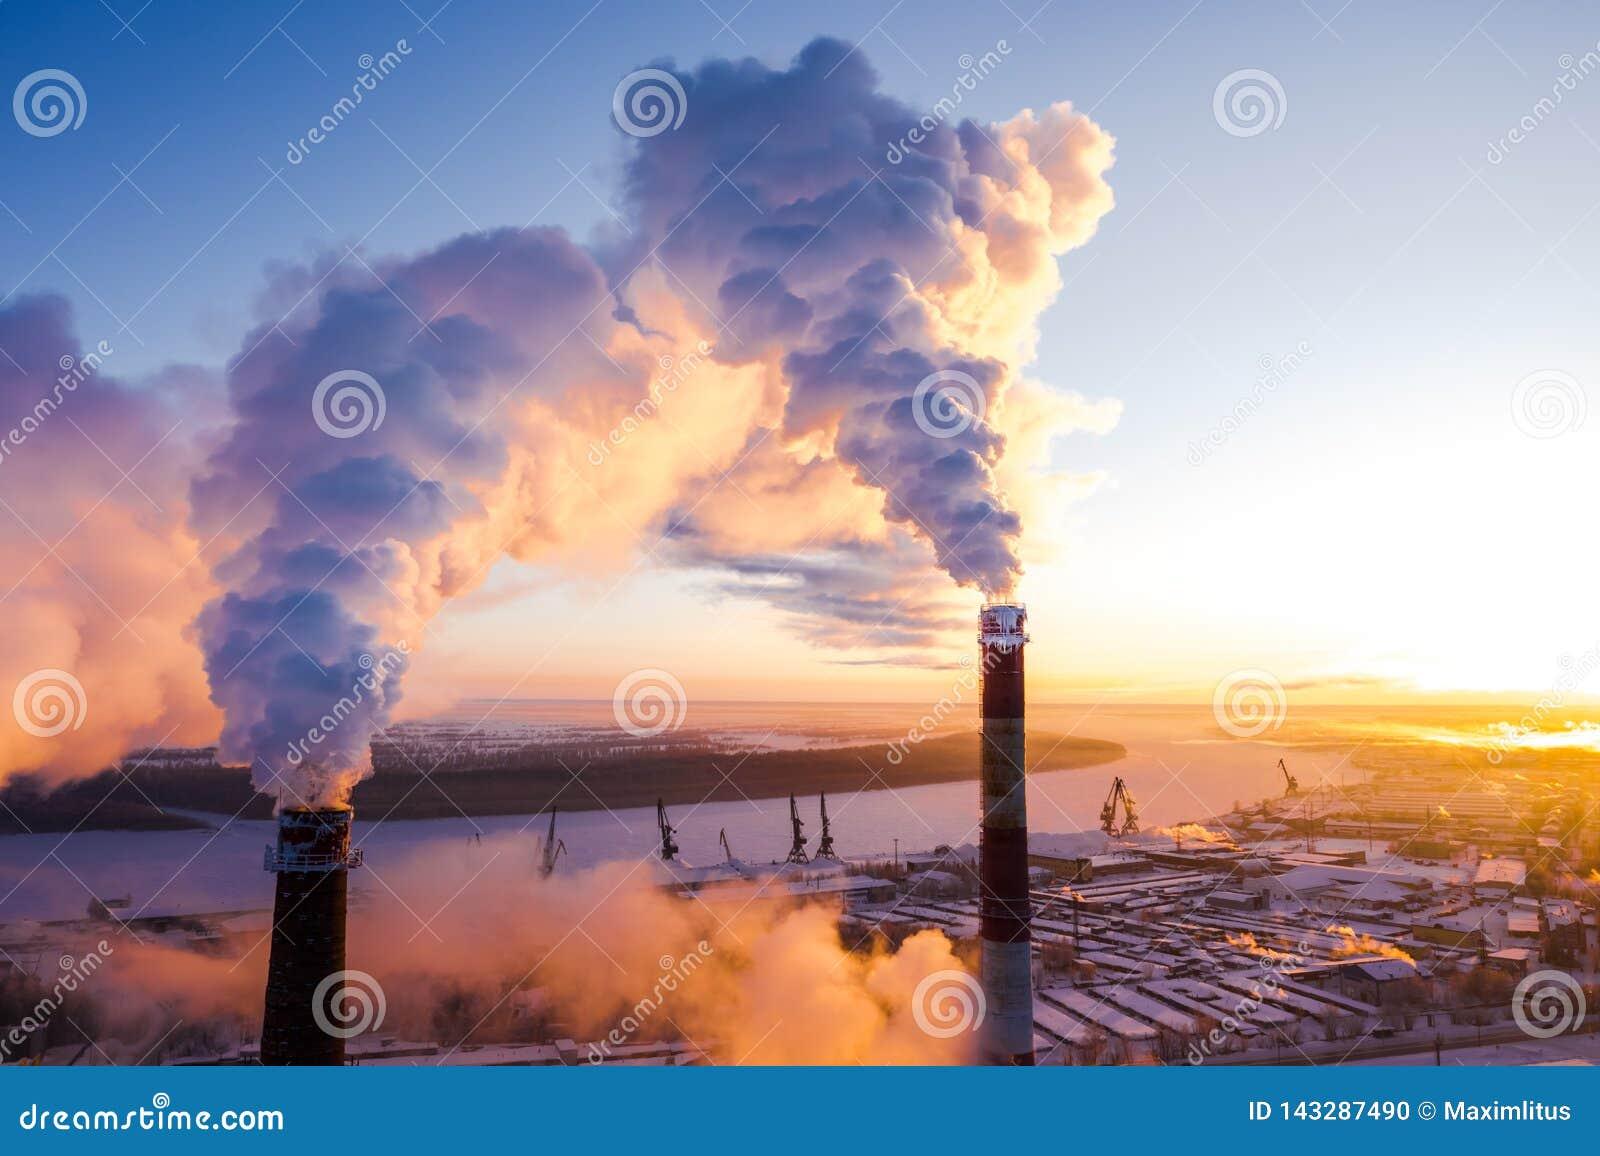 Sonnenuntergang über dem Industriegebiet der Stadt im Winter